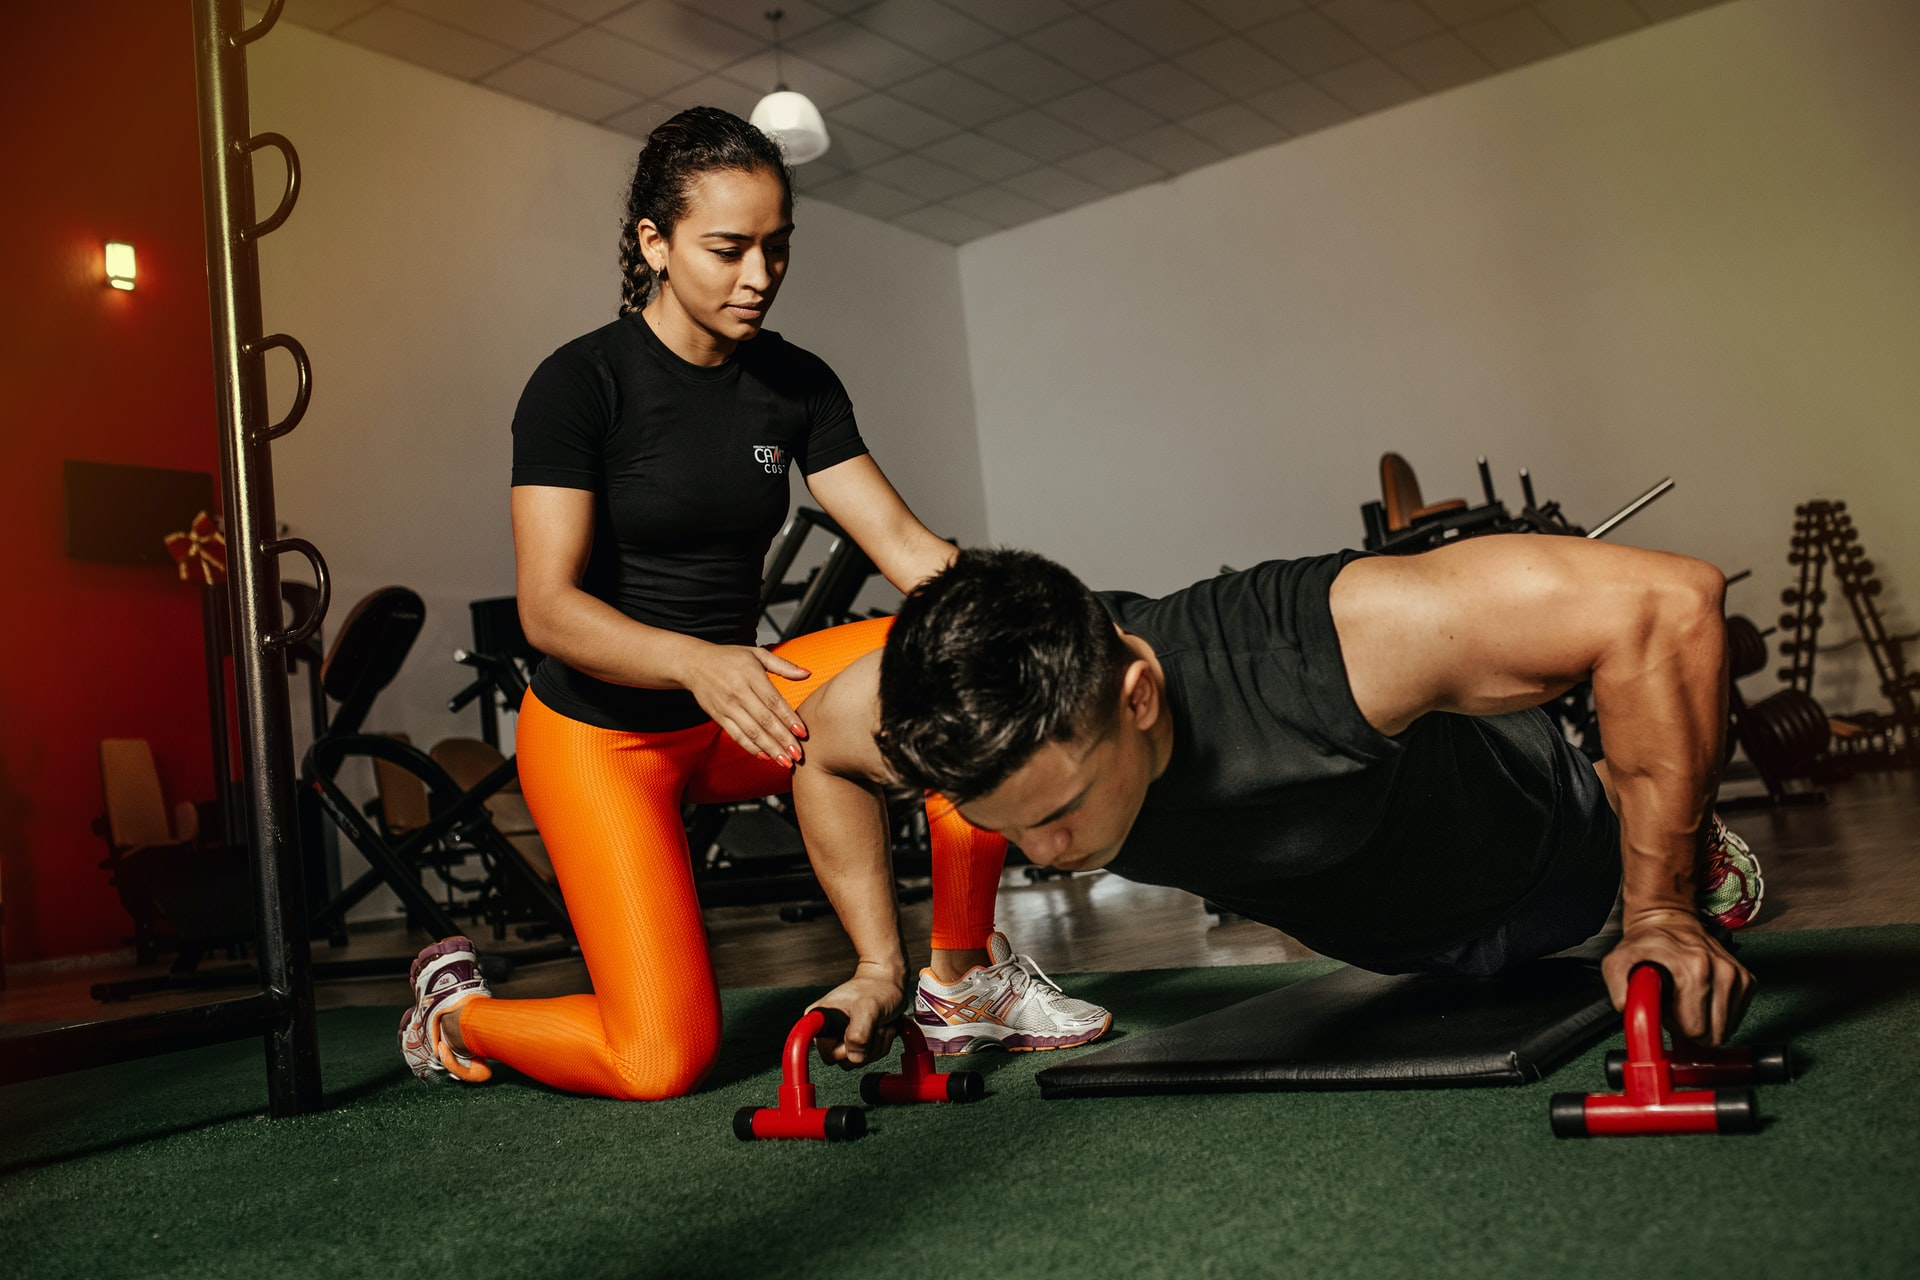 Een personal trainer helpt bij het creëren en behouden van een gezonde levensstijl